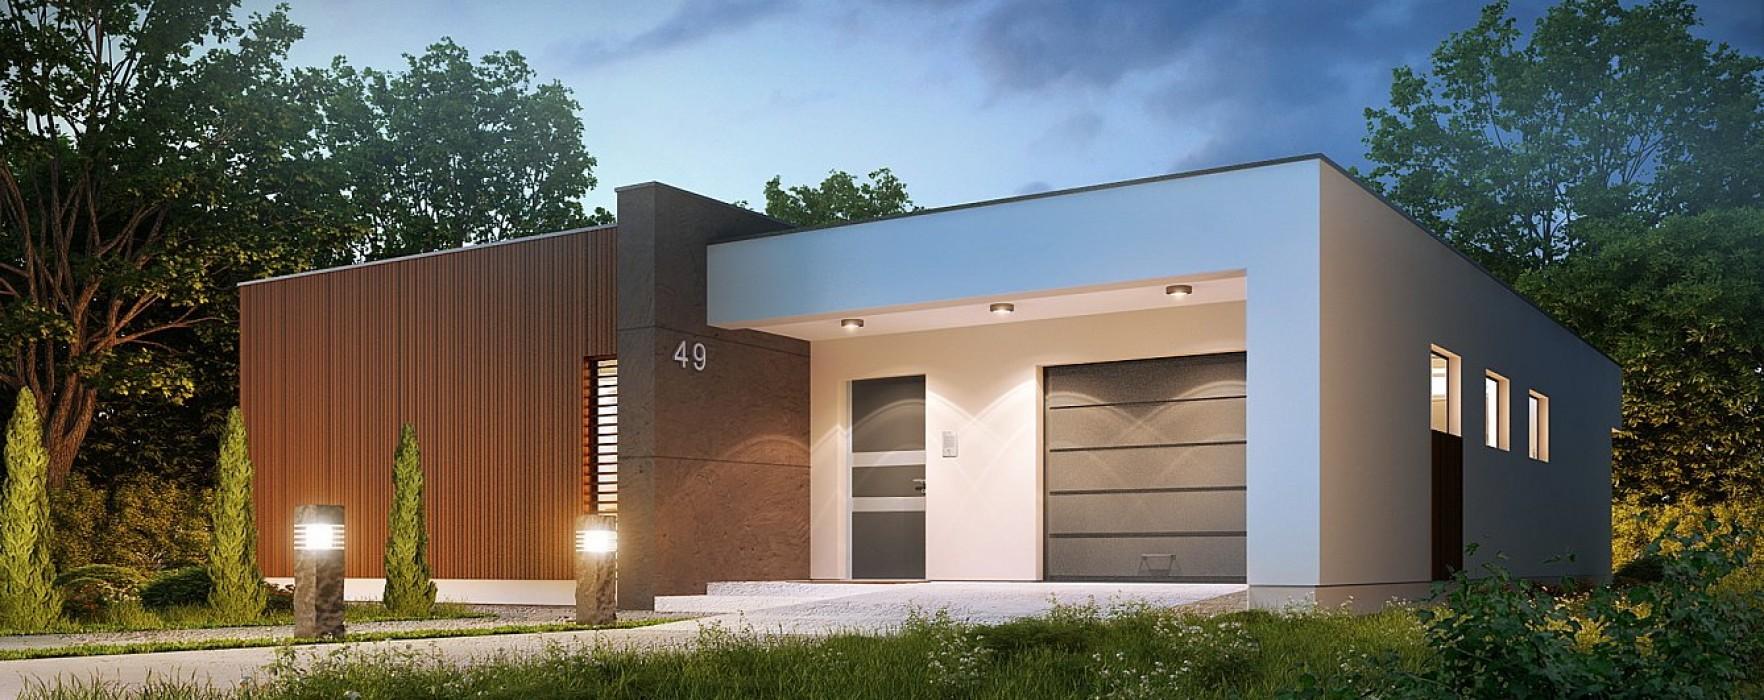 Edifici in legno x lam e tetti piani for Piani di casa con 3 master suite